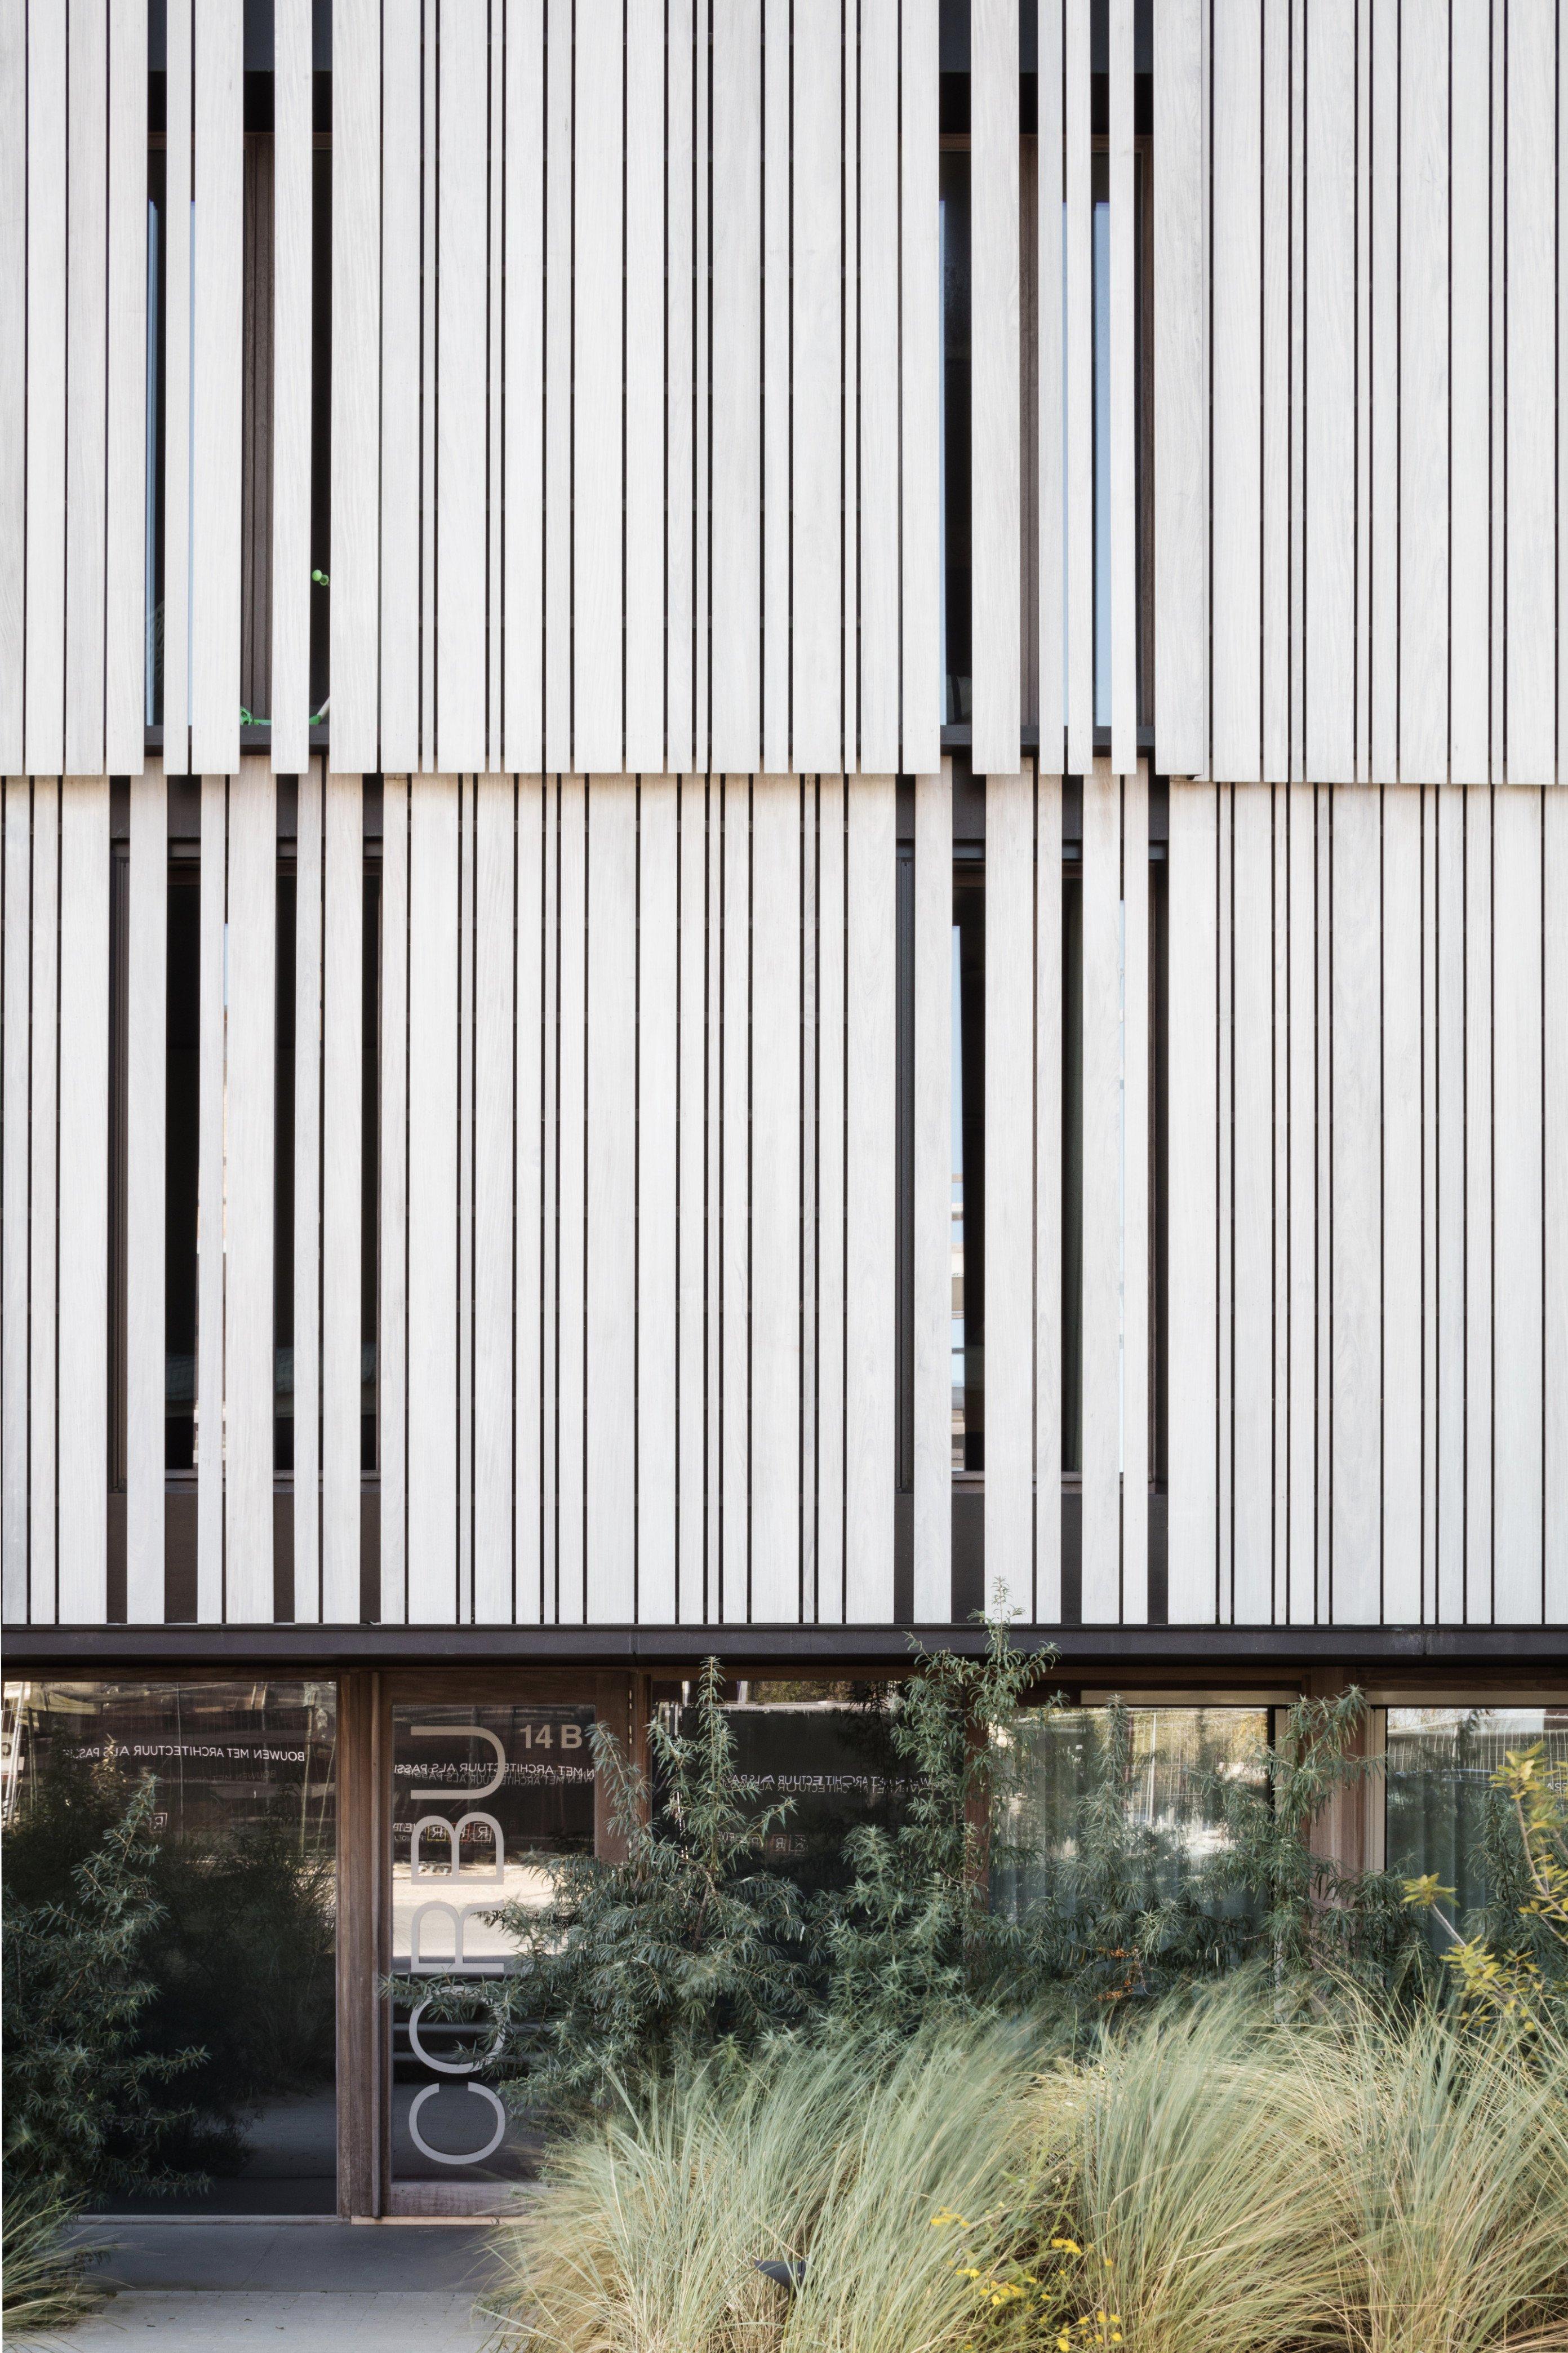 Rietveldprojects-Corbu-Koksijde-Fototimvandevelde3